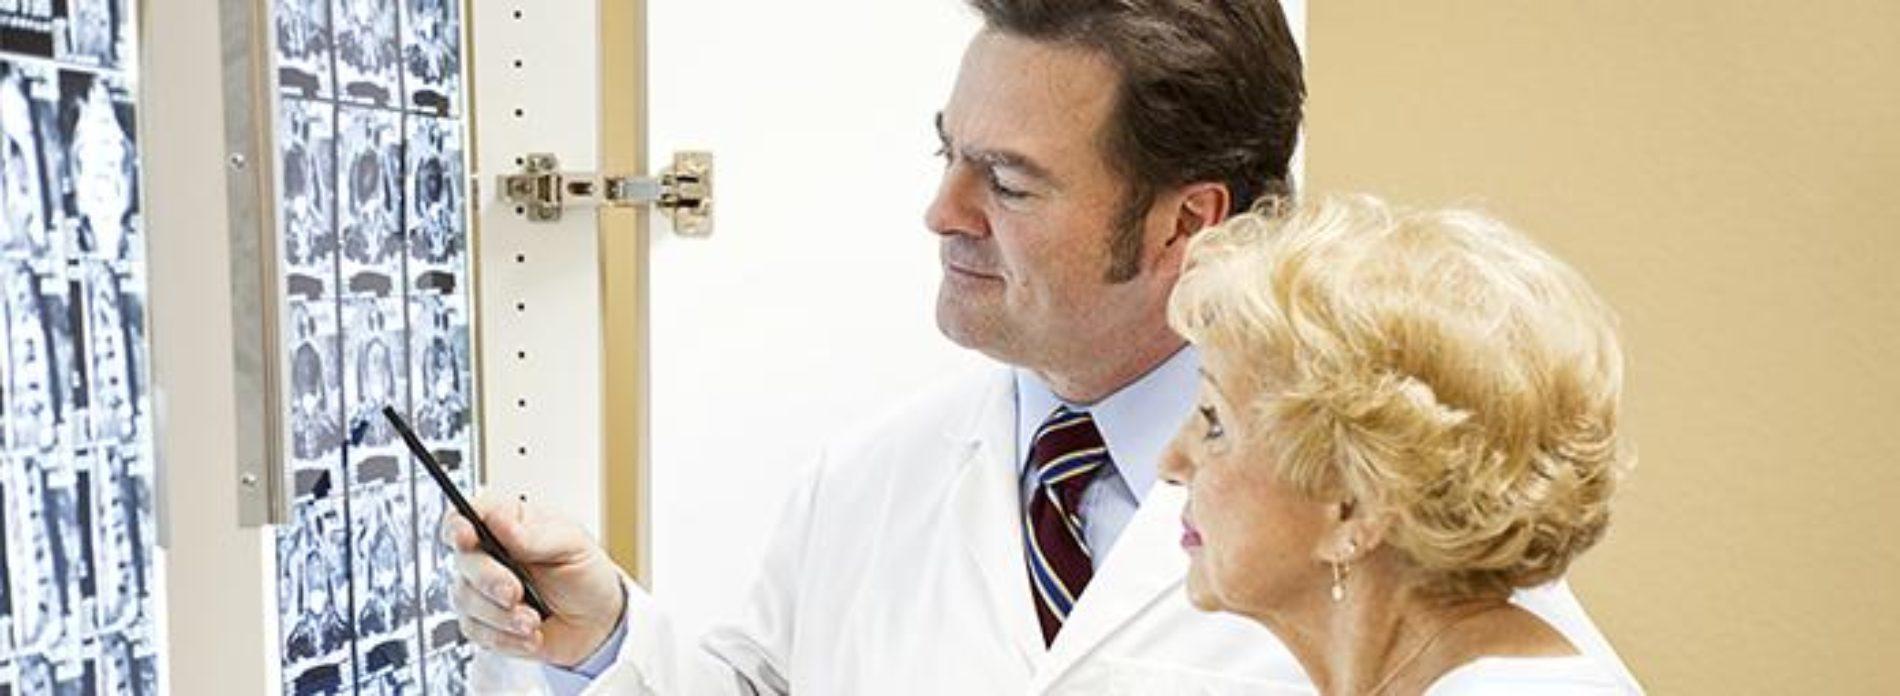 La osteoporosis y las causales de esta enfermedad